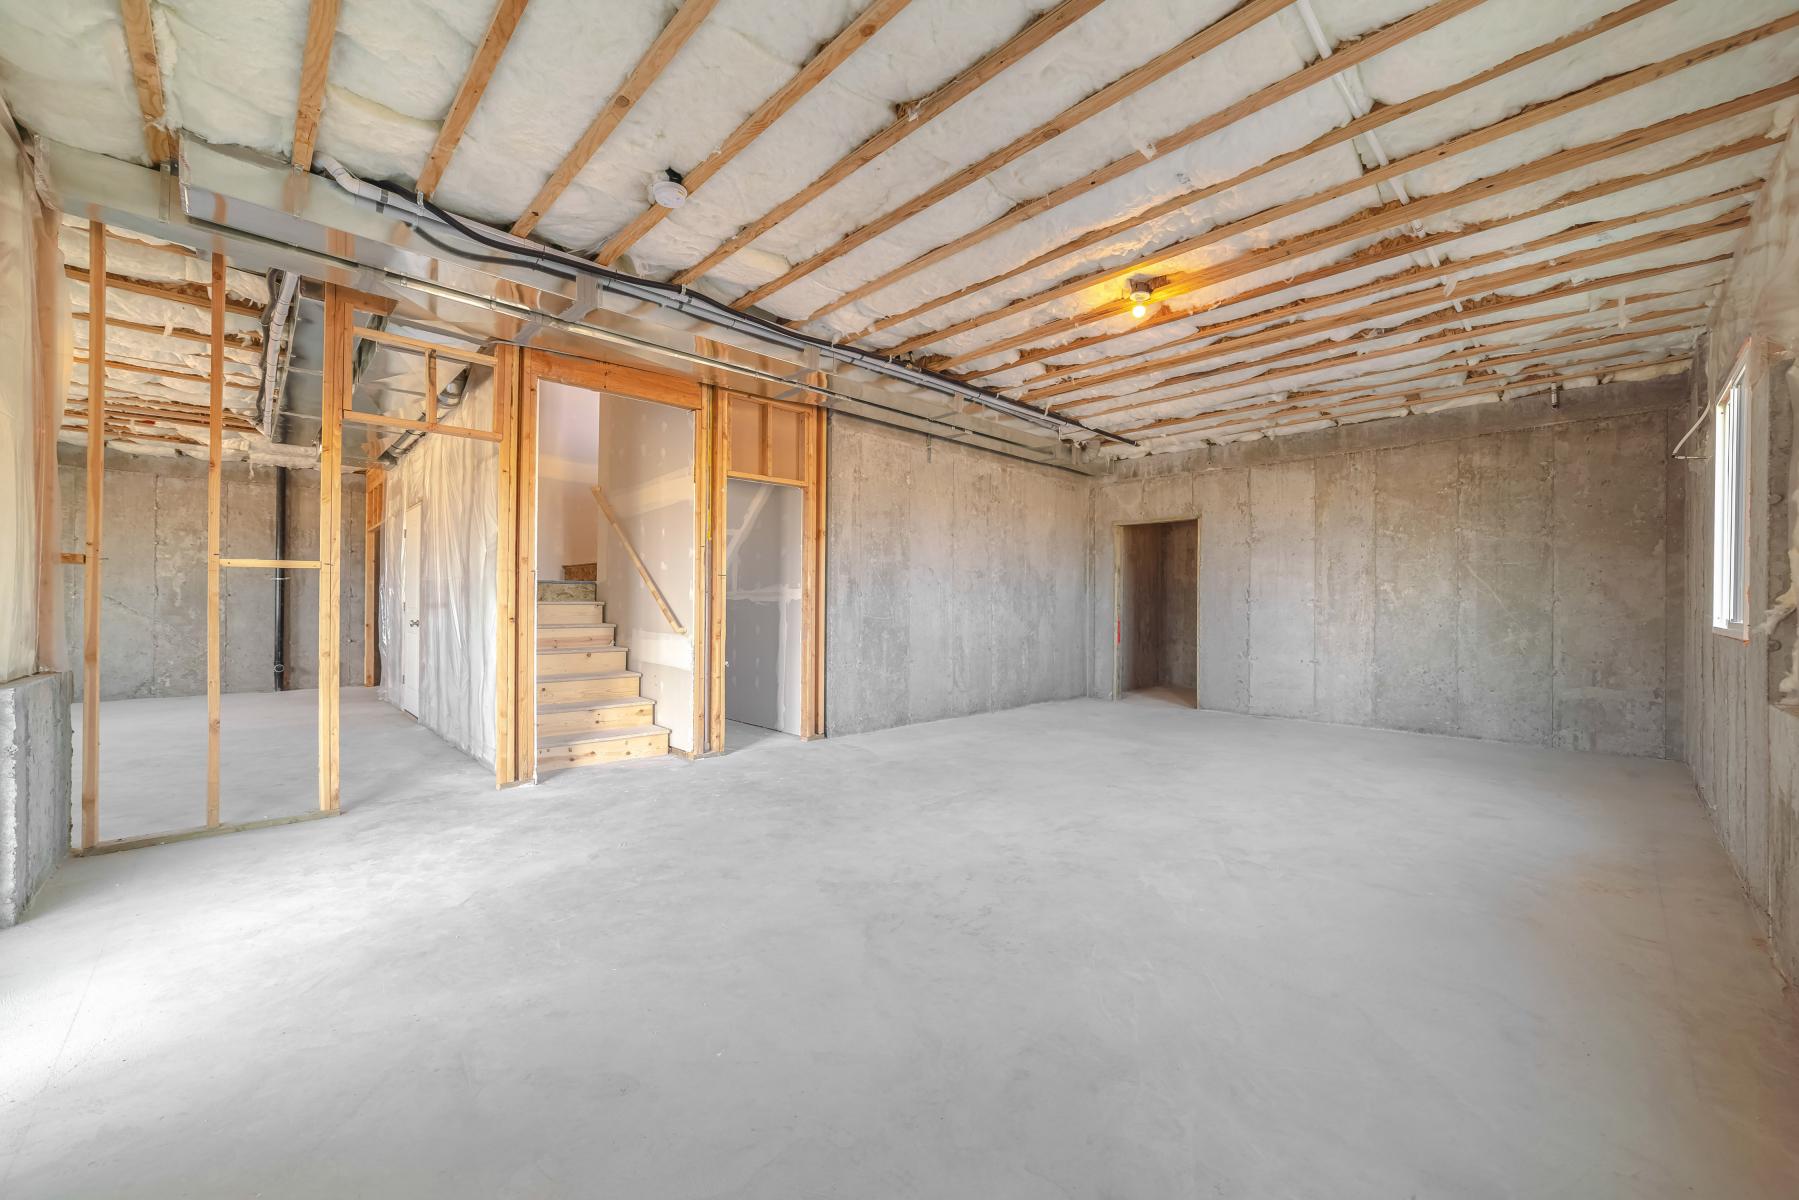 Rom under bygging innendørs